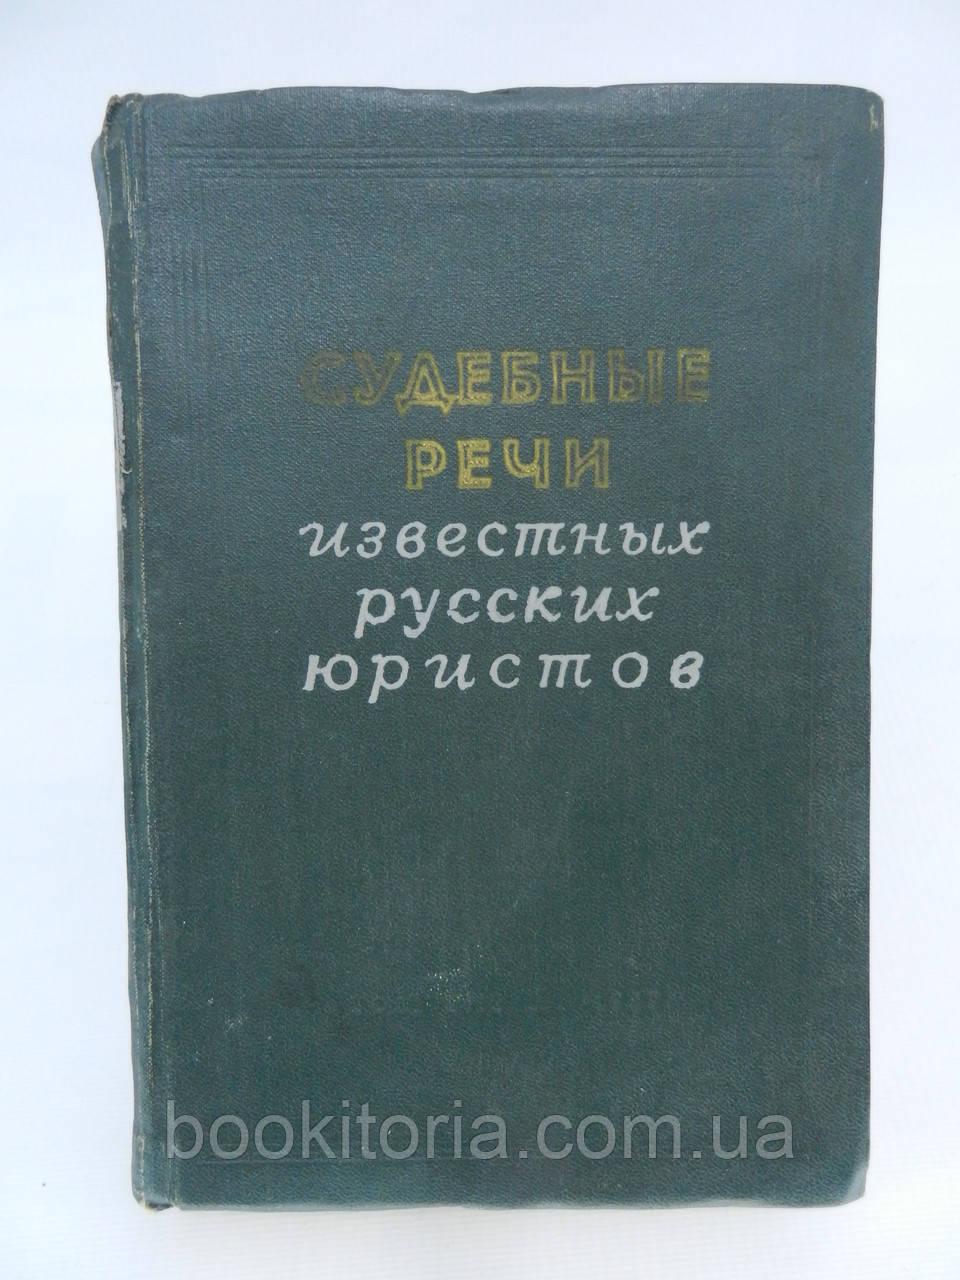 Судебные речи известных русских юристов (б/у).